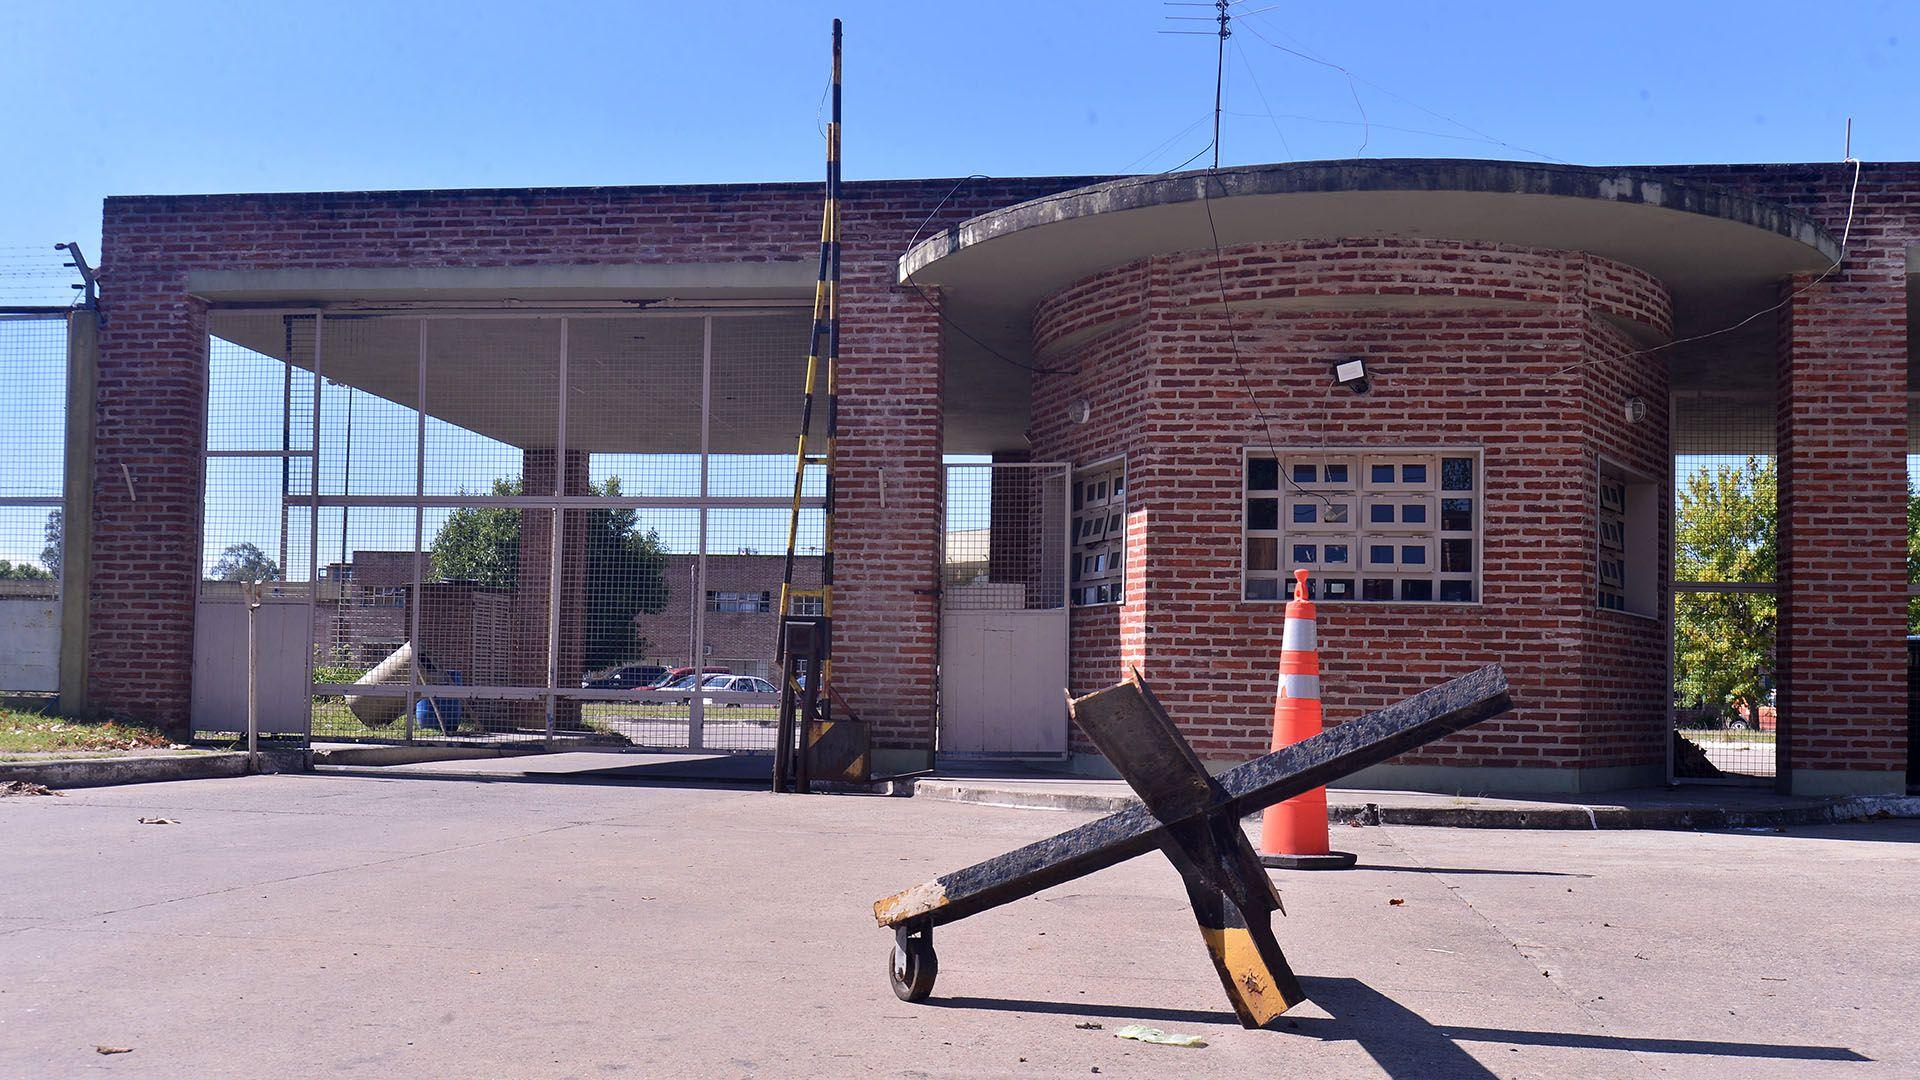 La alcaidía de Melchor Romero, donde los rugbiers permanecen encerrados (Marcos Gómez)